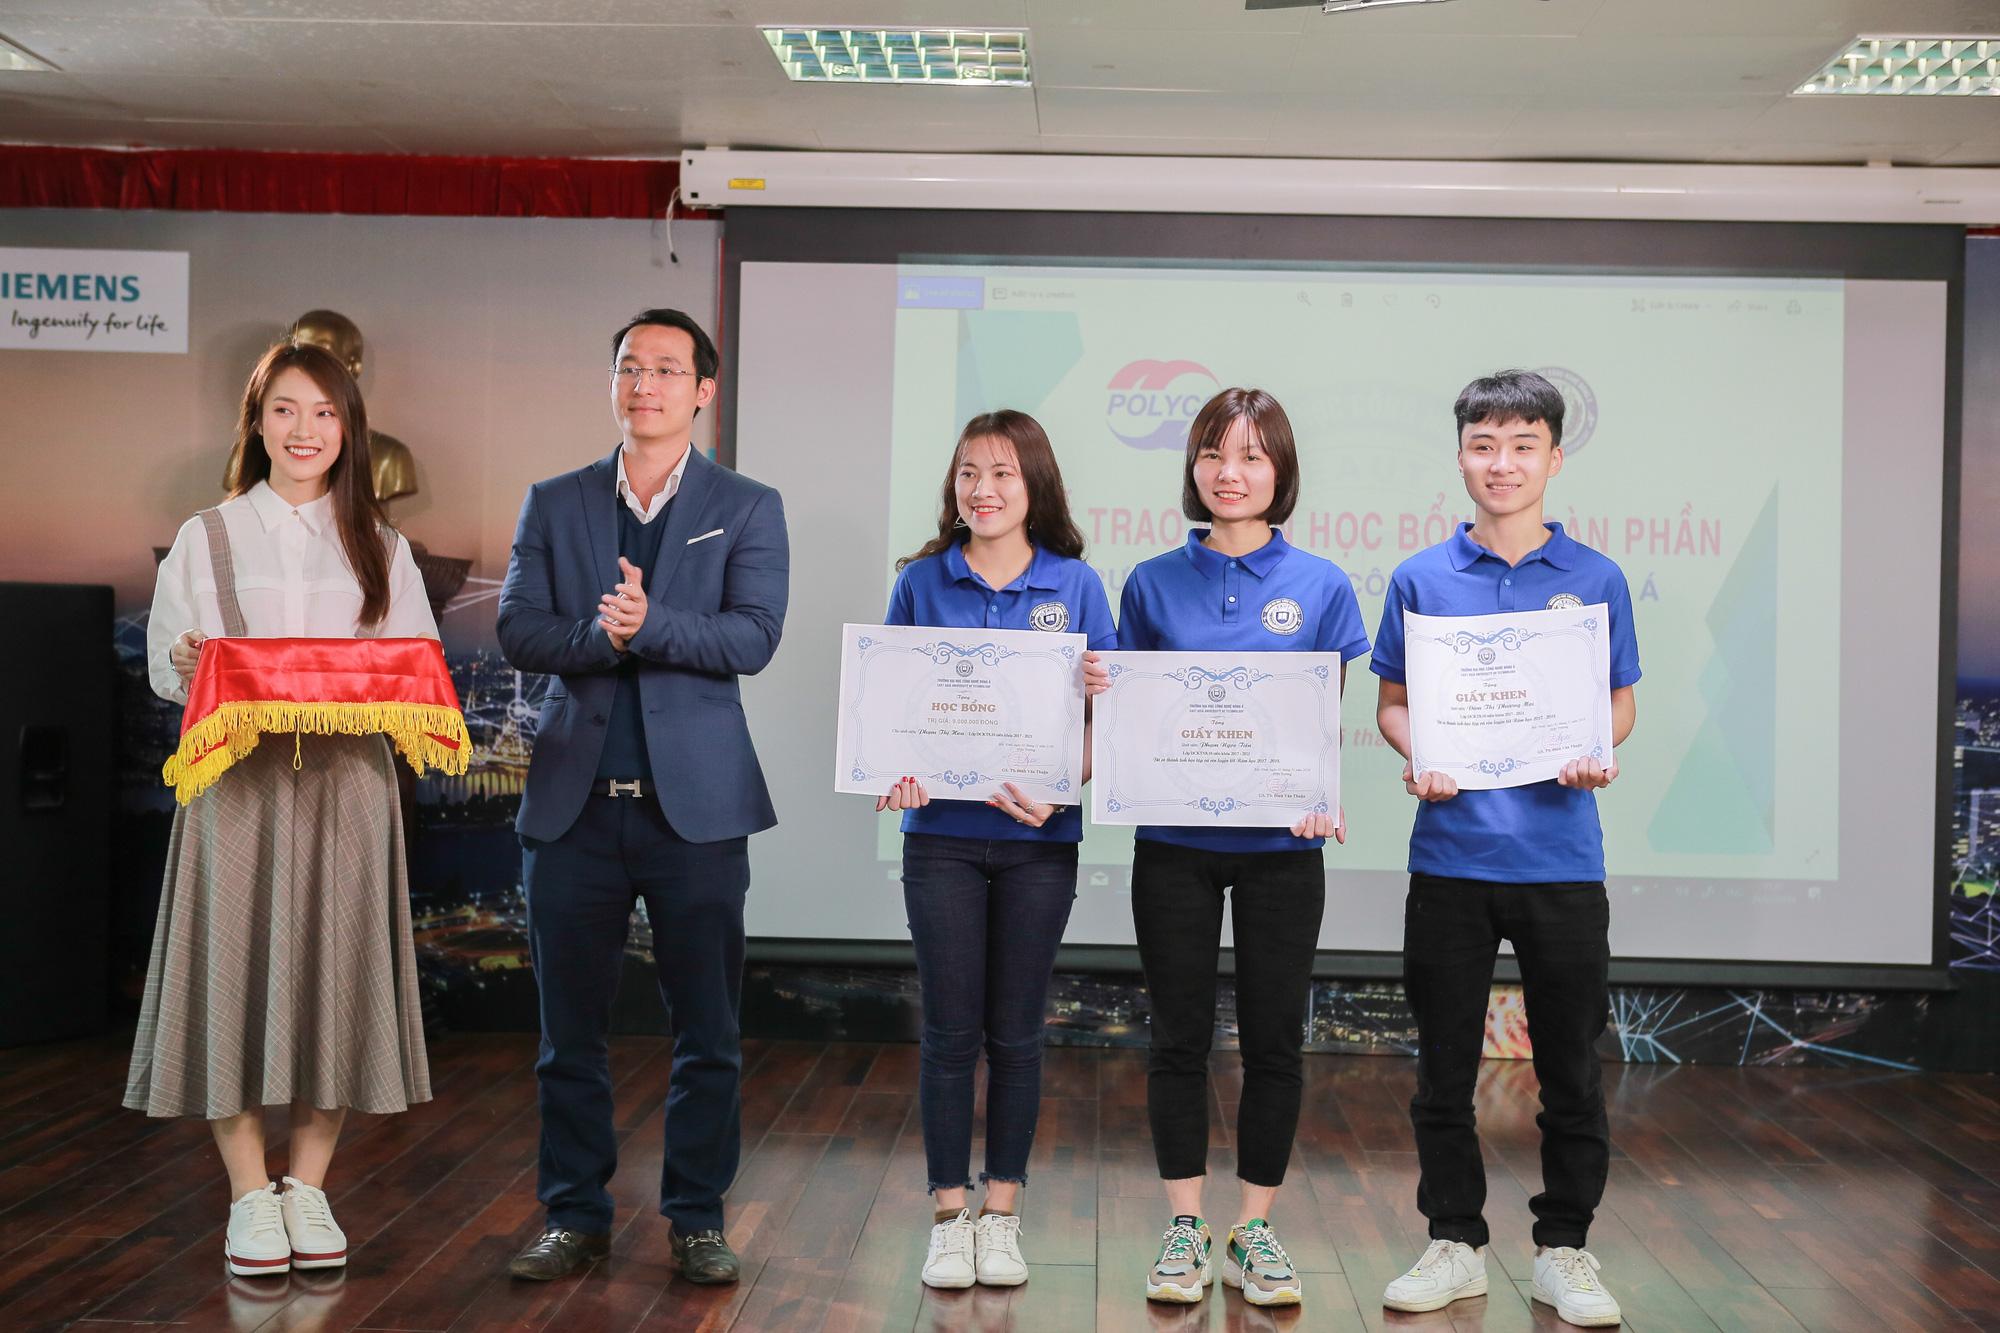 Đại học Công nghệ Đông Á tặng  100% học bổng  cho học sinh, sinh viên đạt IELTS 6.5 trở lên - Ảnh 1.